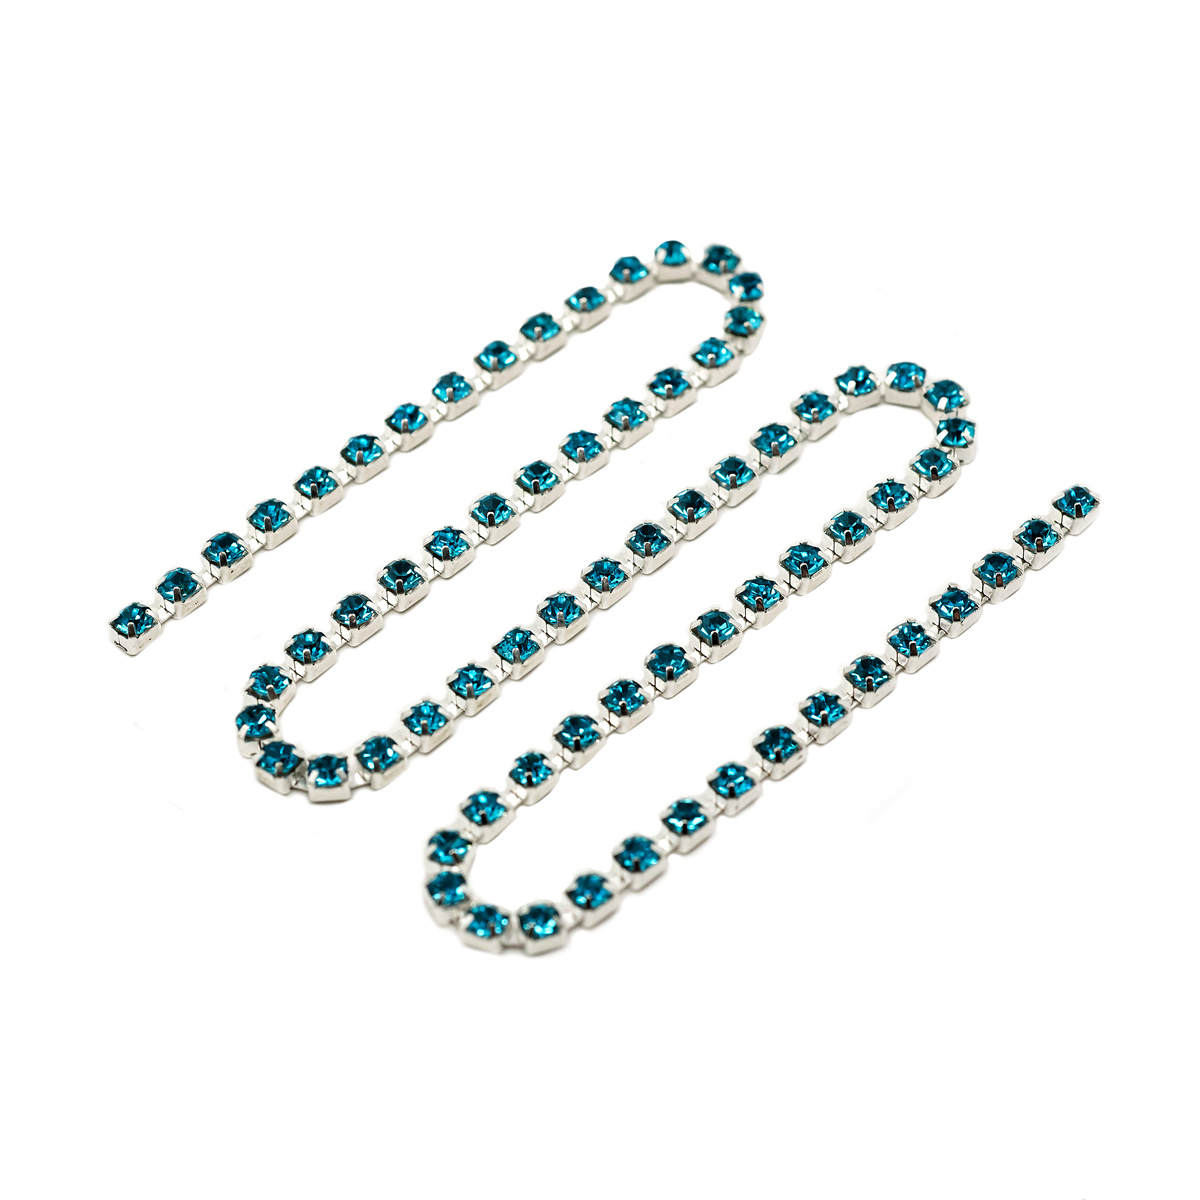 ЦС003СЦ3 Стразовые цепочки (серебро), цвет: ярко голубой,